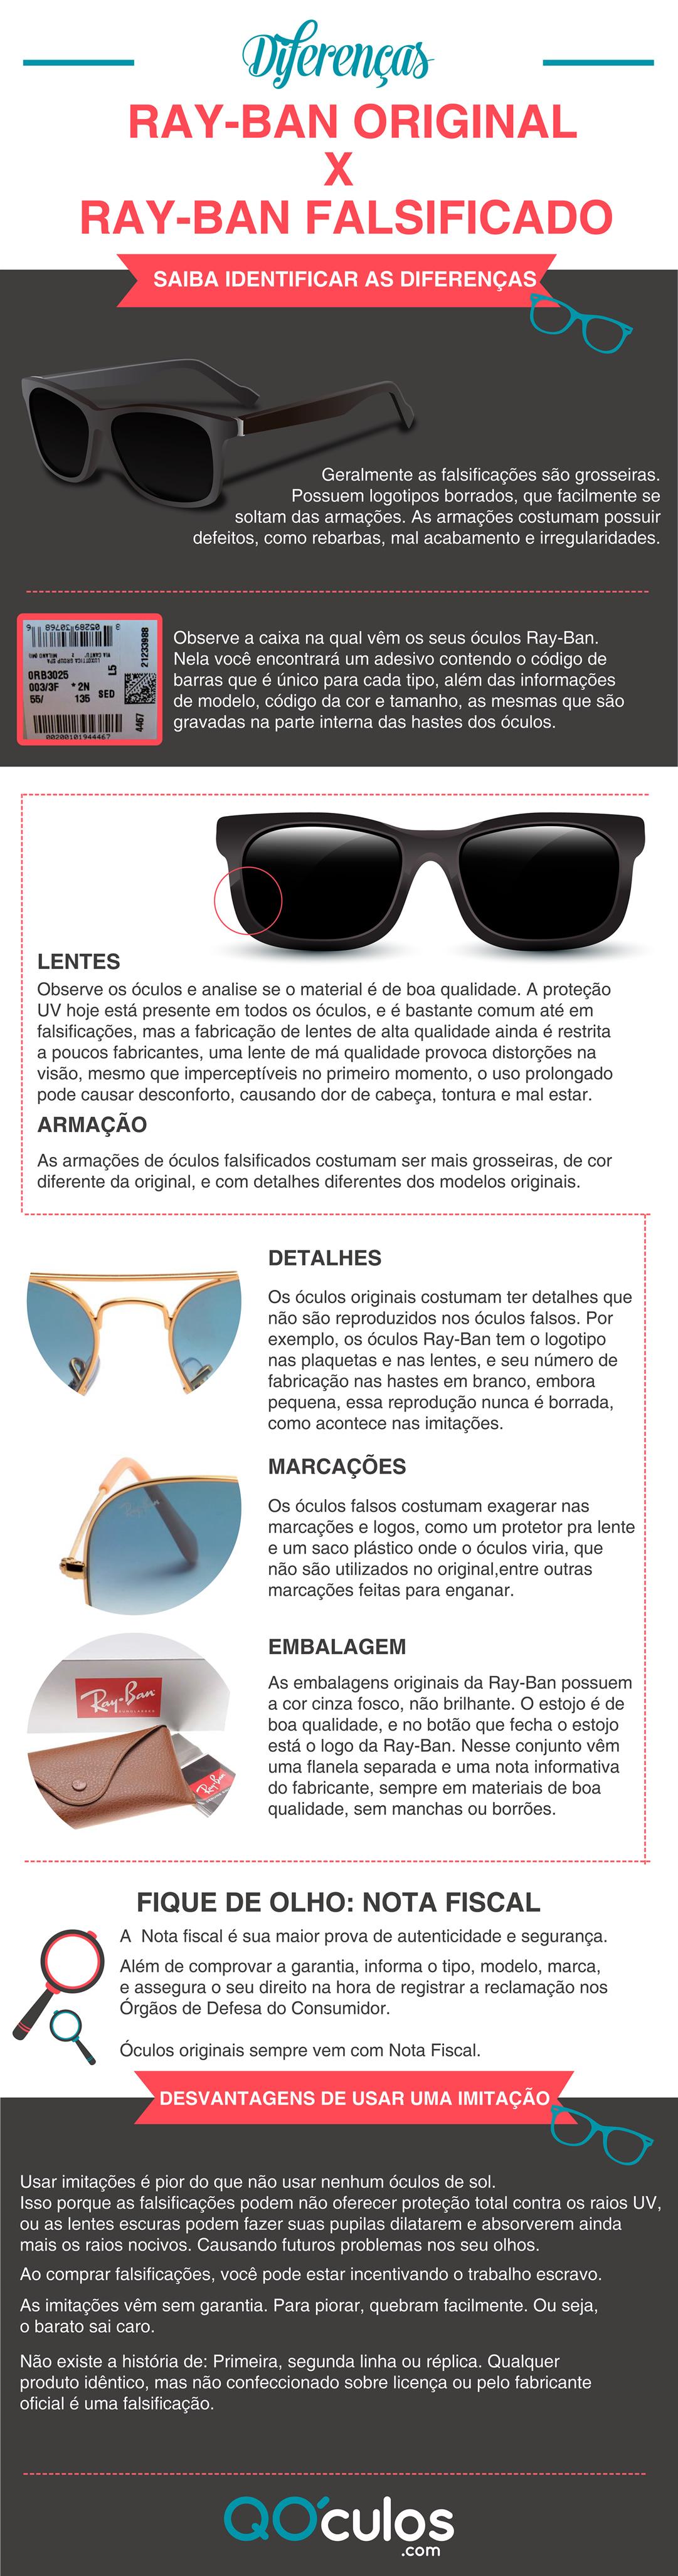 infografico-como-identificar-oculos-original-ou-oculos-falsificado